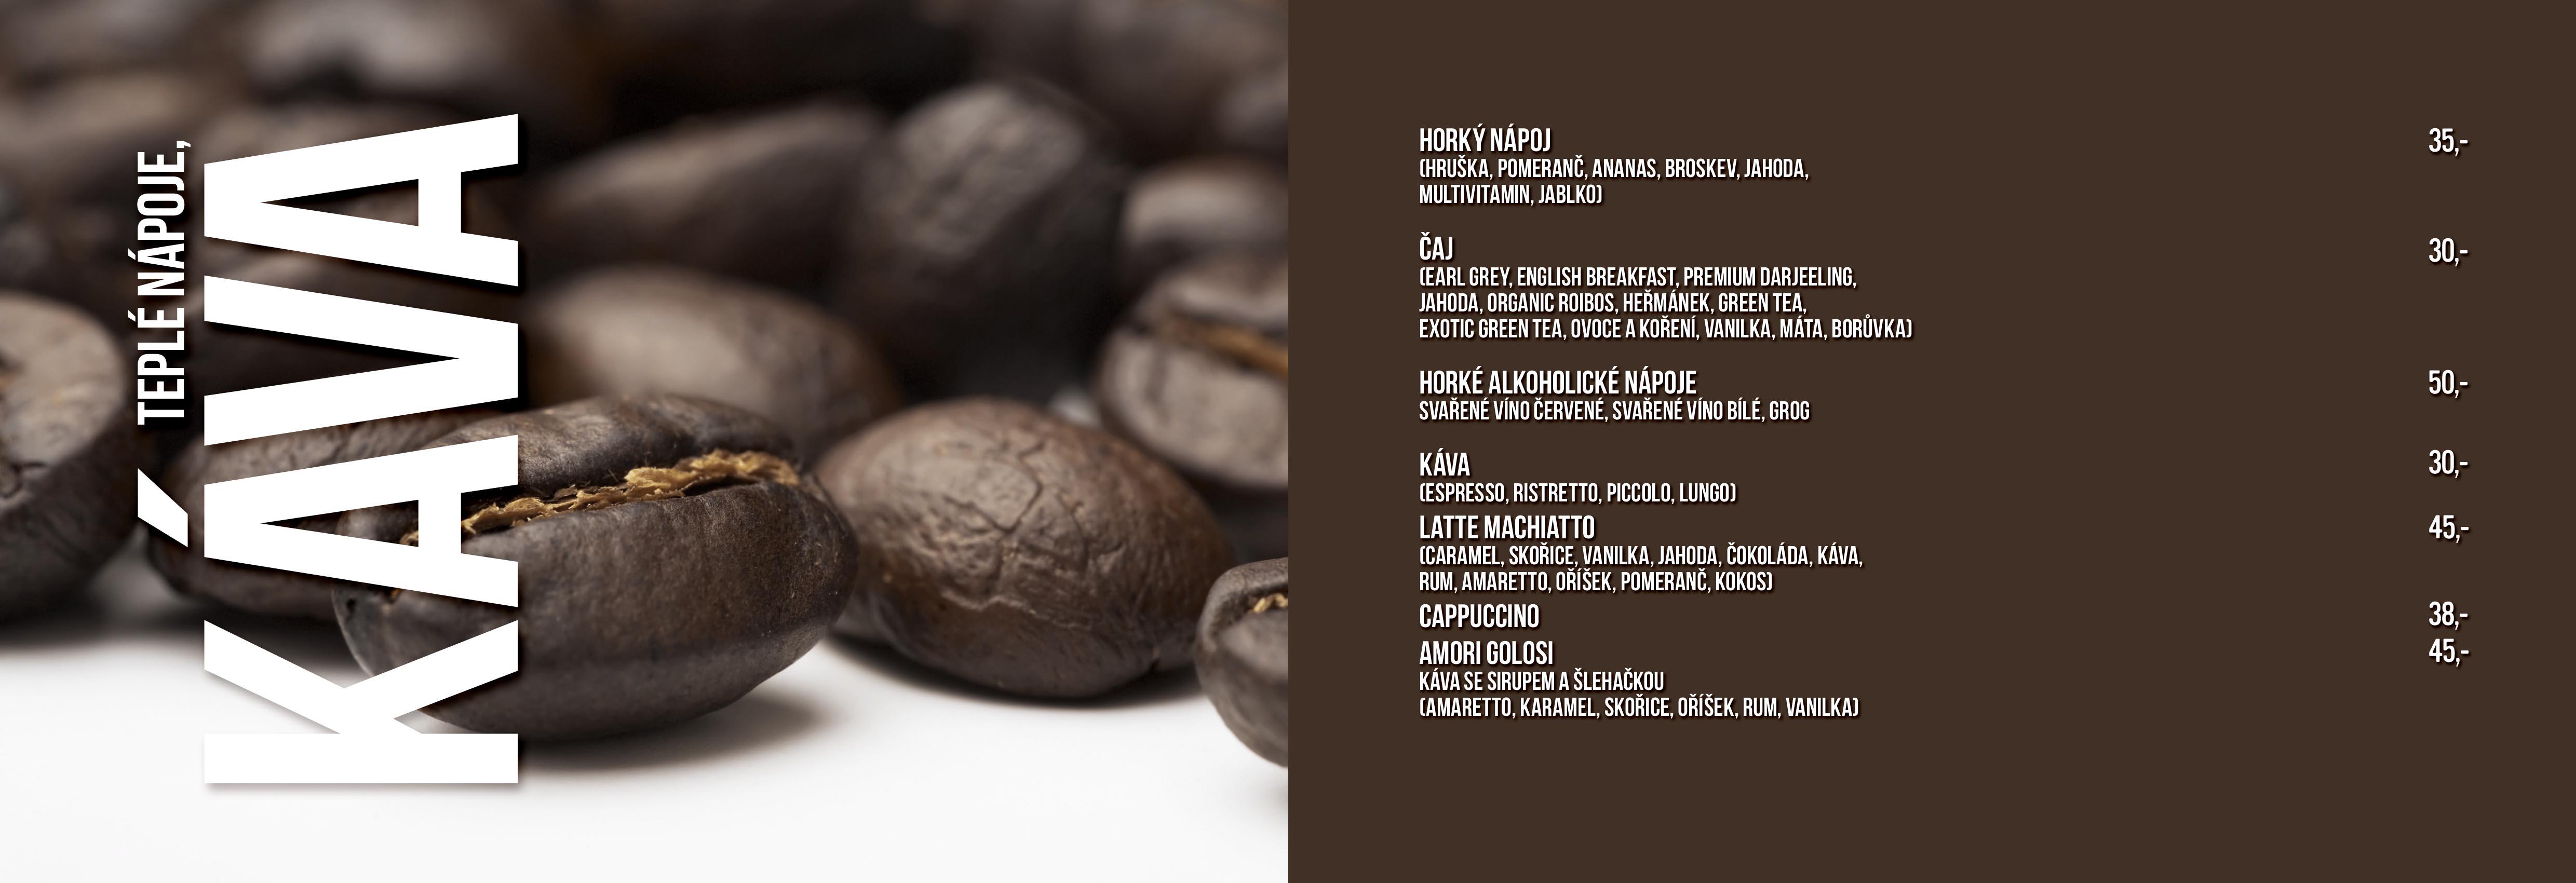 Café Maia menu